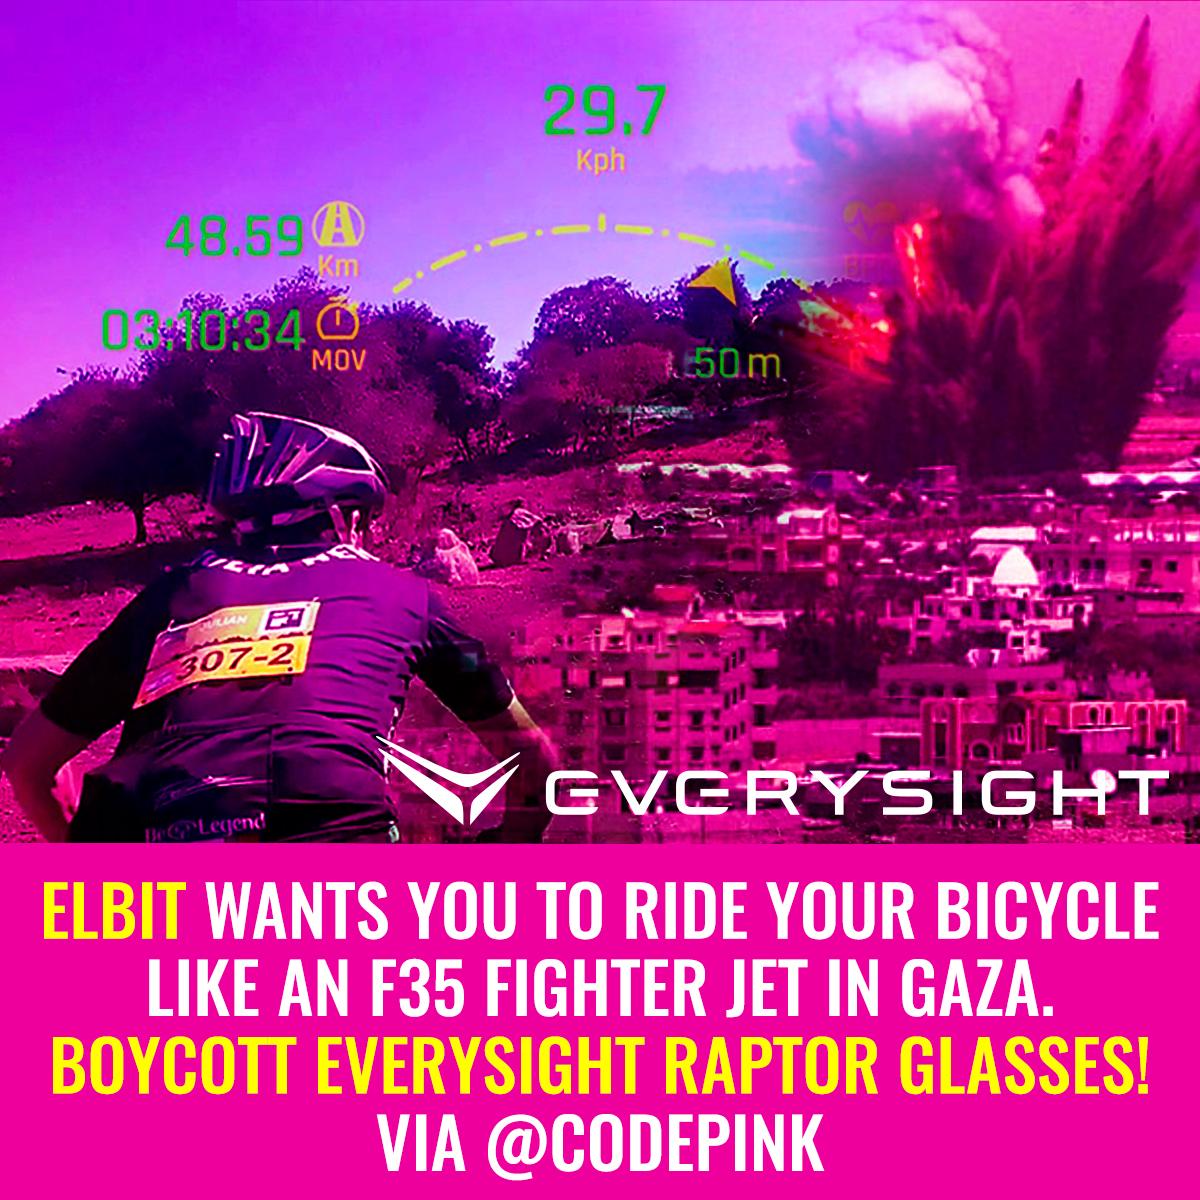 EverySight_Insta.jpg